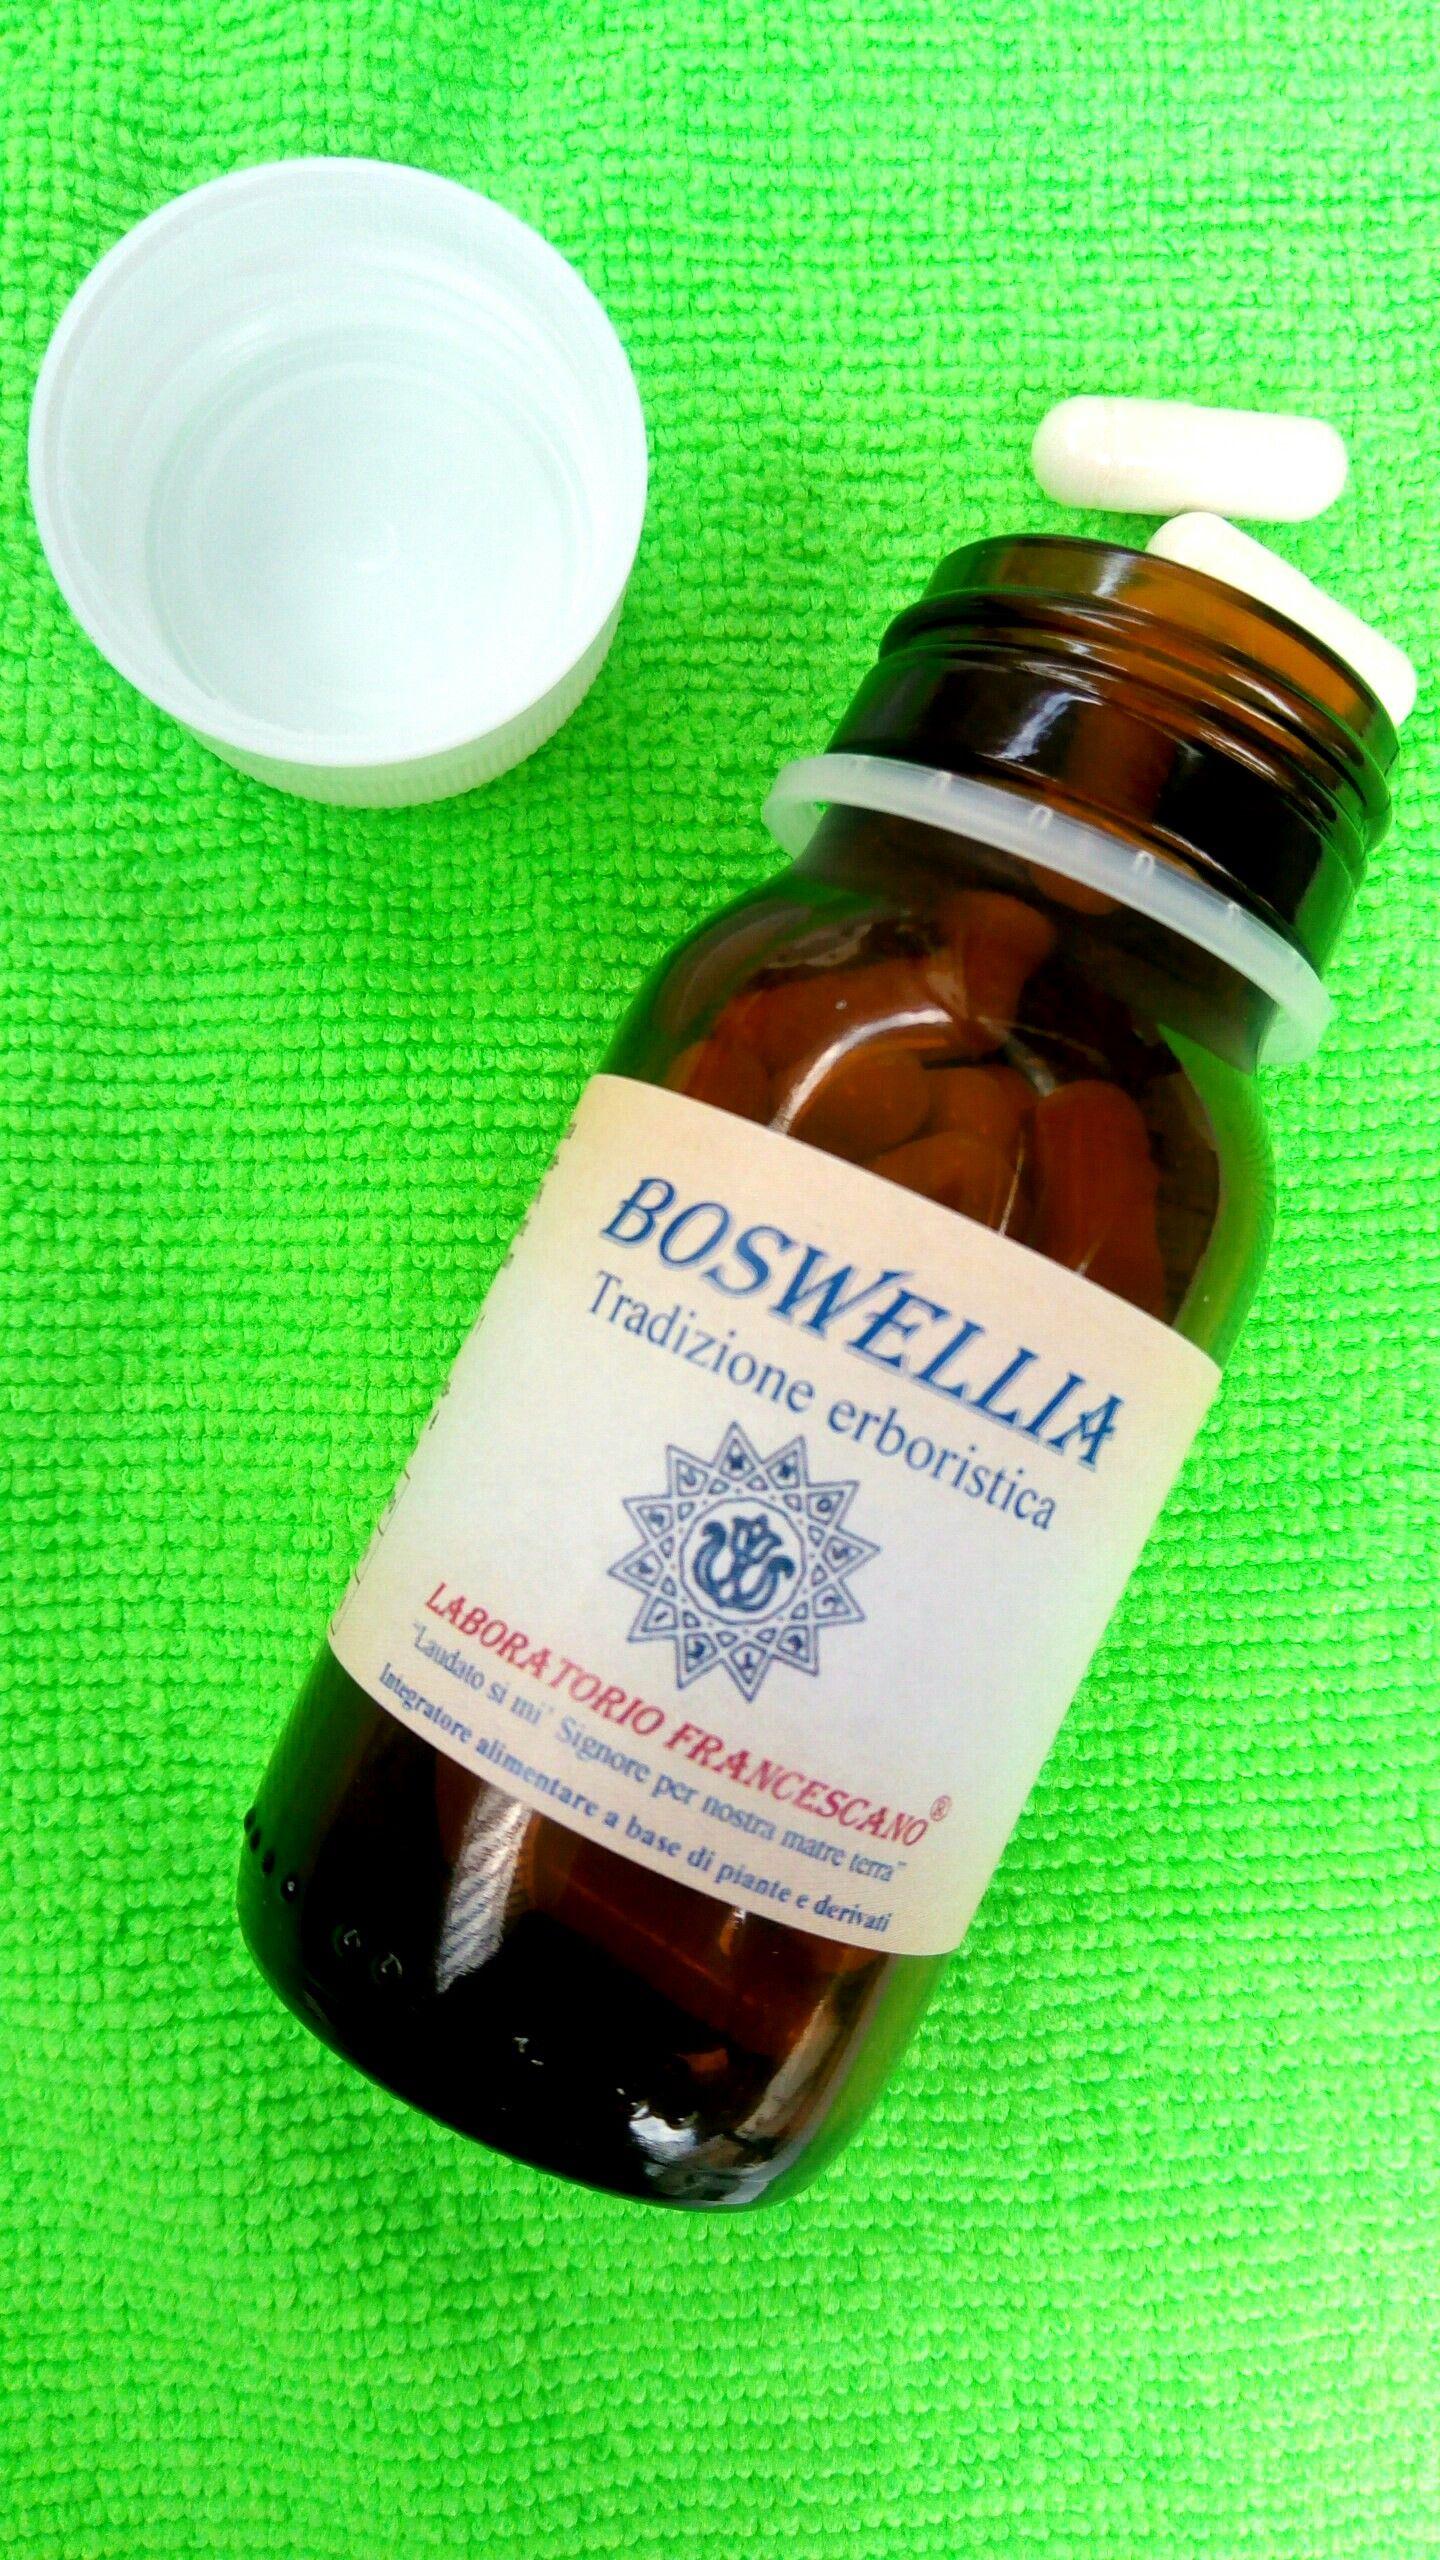 La Boswellia, un antinfiammatorio naturale per la cura dei..